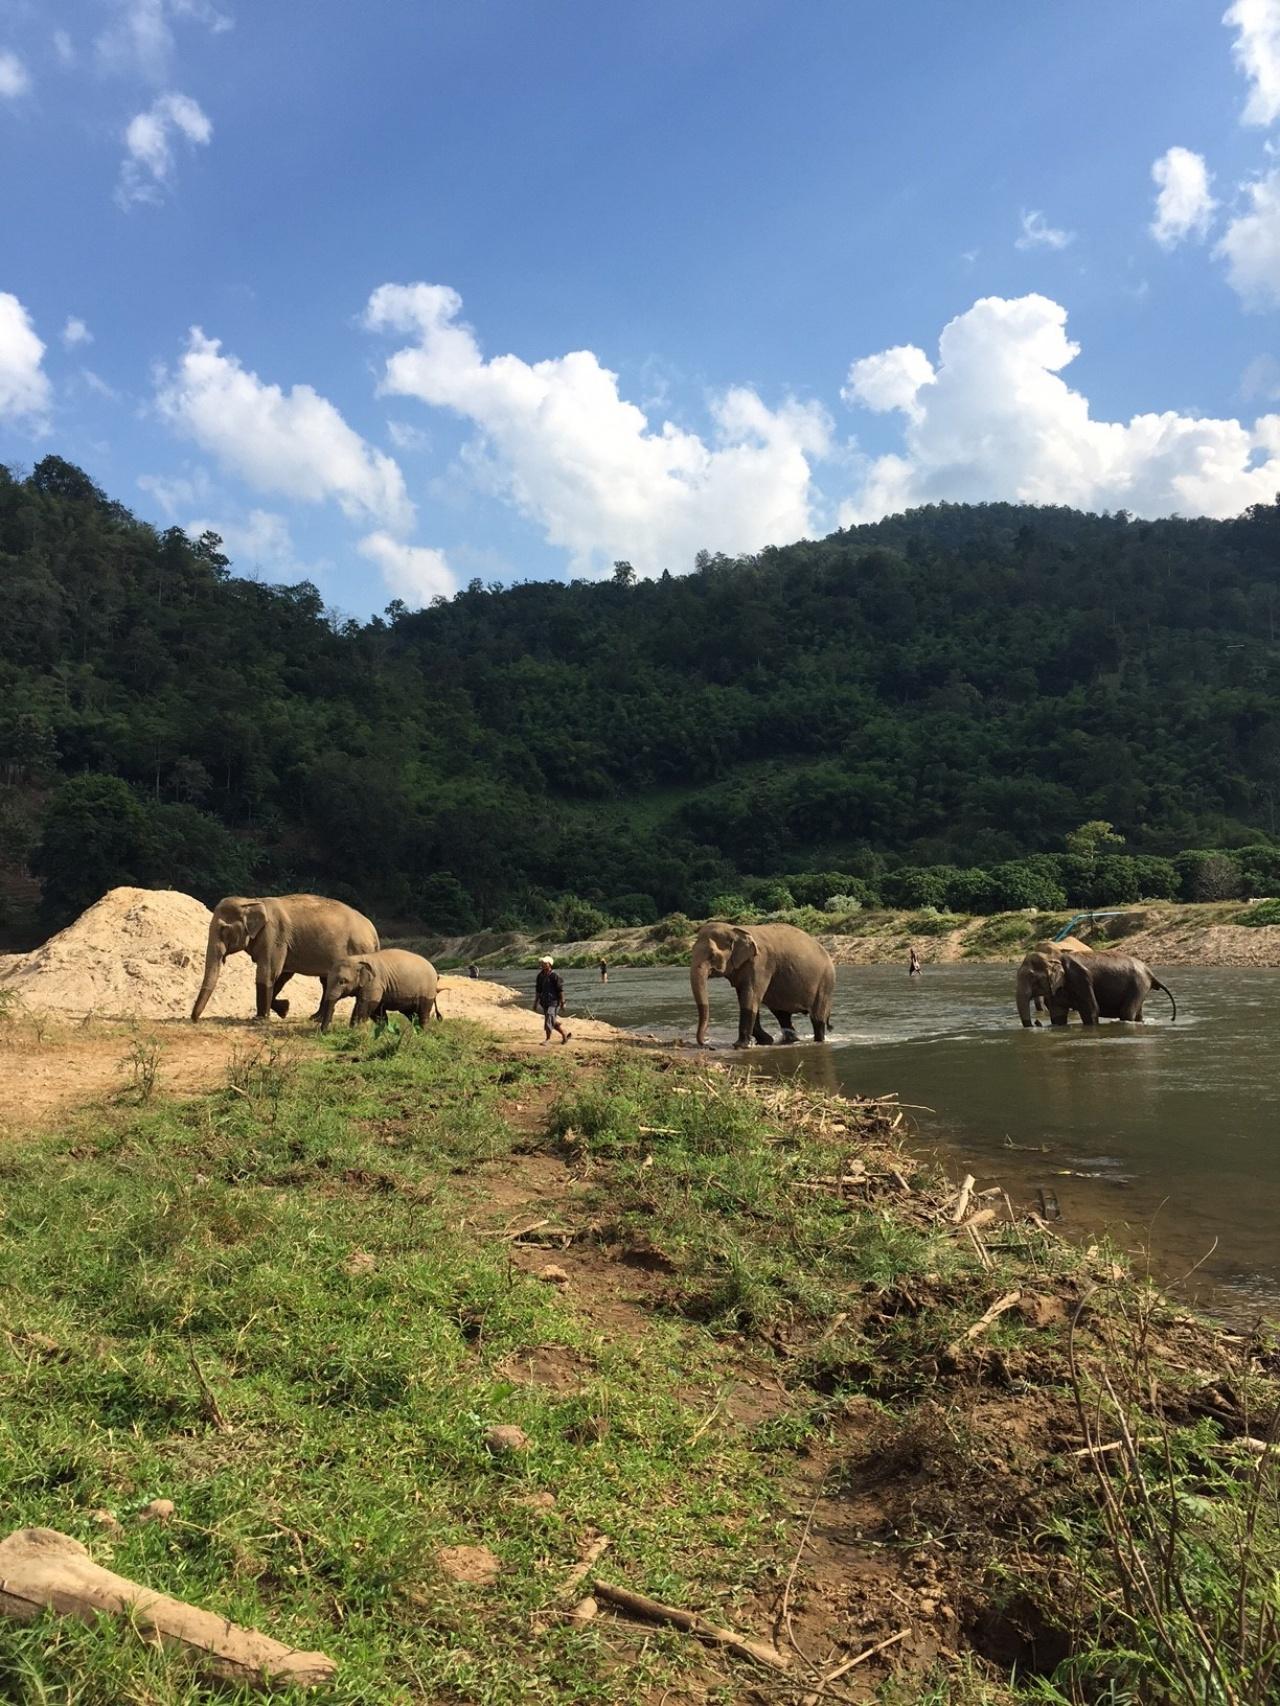 救搬中心旁邊有一條河,大象平日會在河中戲水沖涼。(受訪者提供)